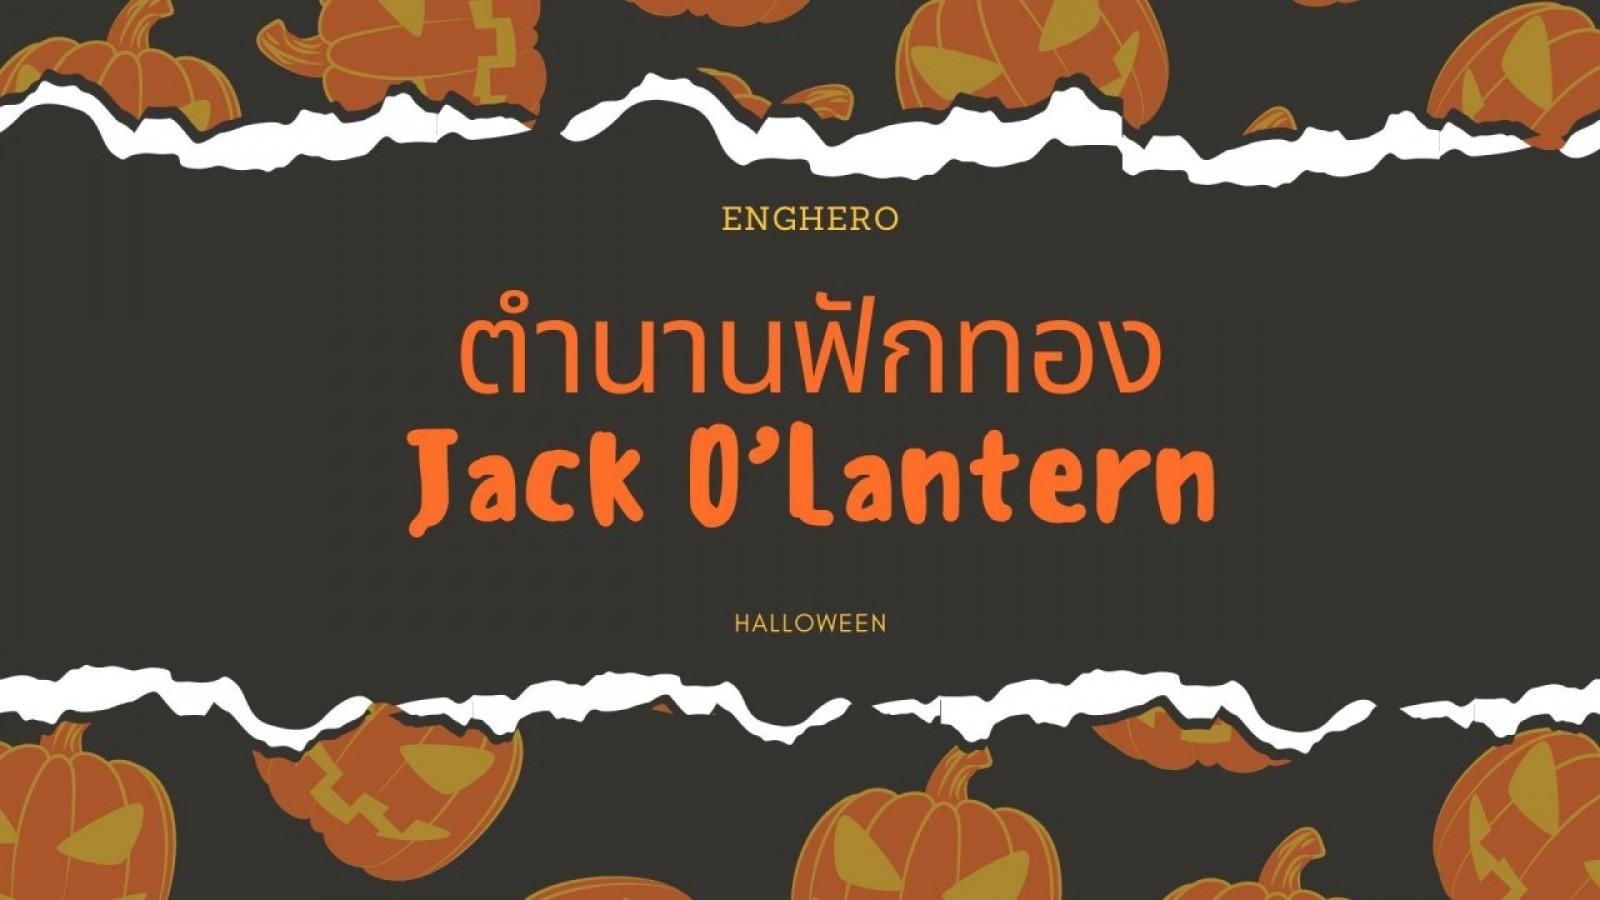 ตำนานฟักทอง Jack O'Lantern ในวันฮาโลวีน